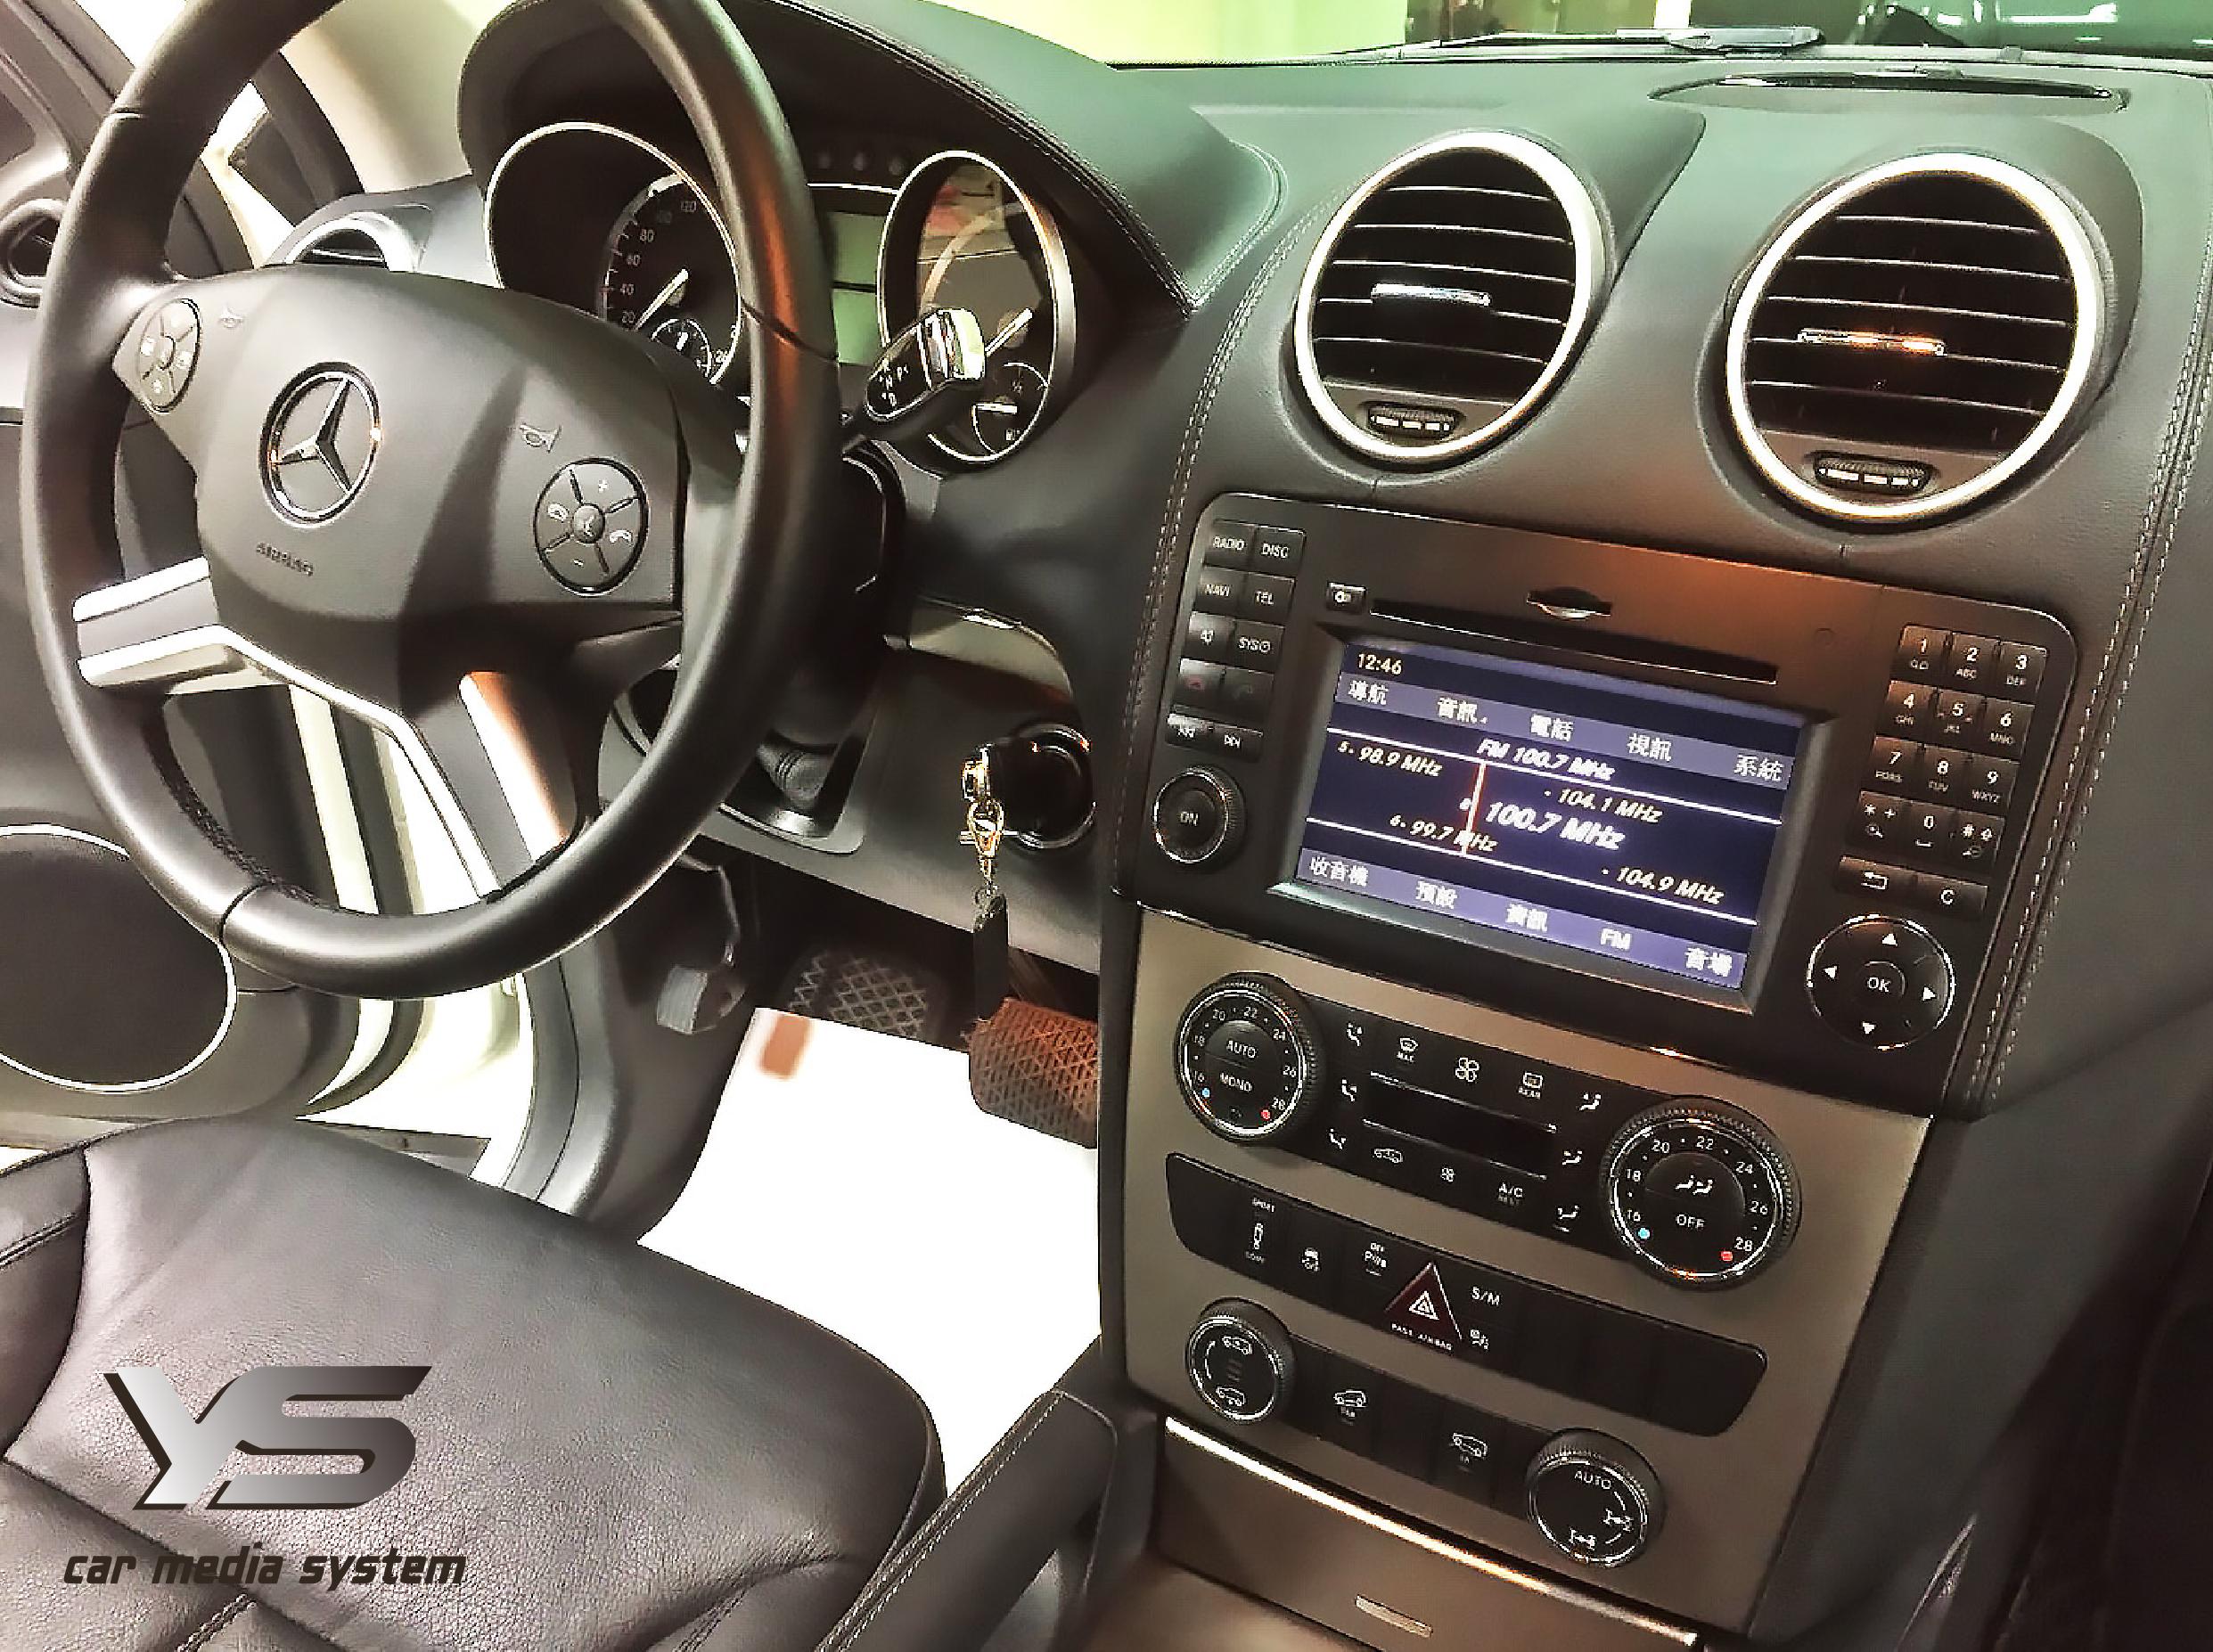 原車螢幕較小